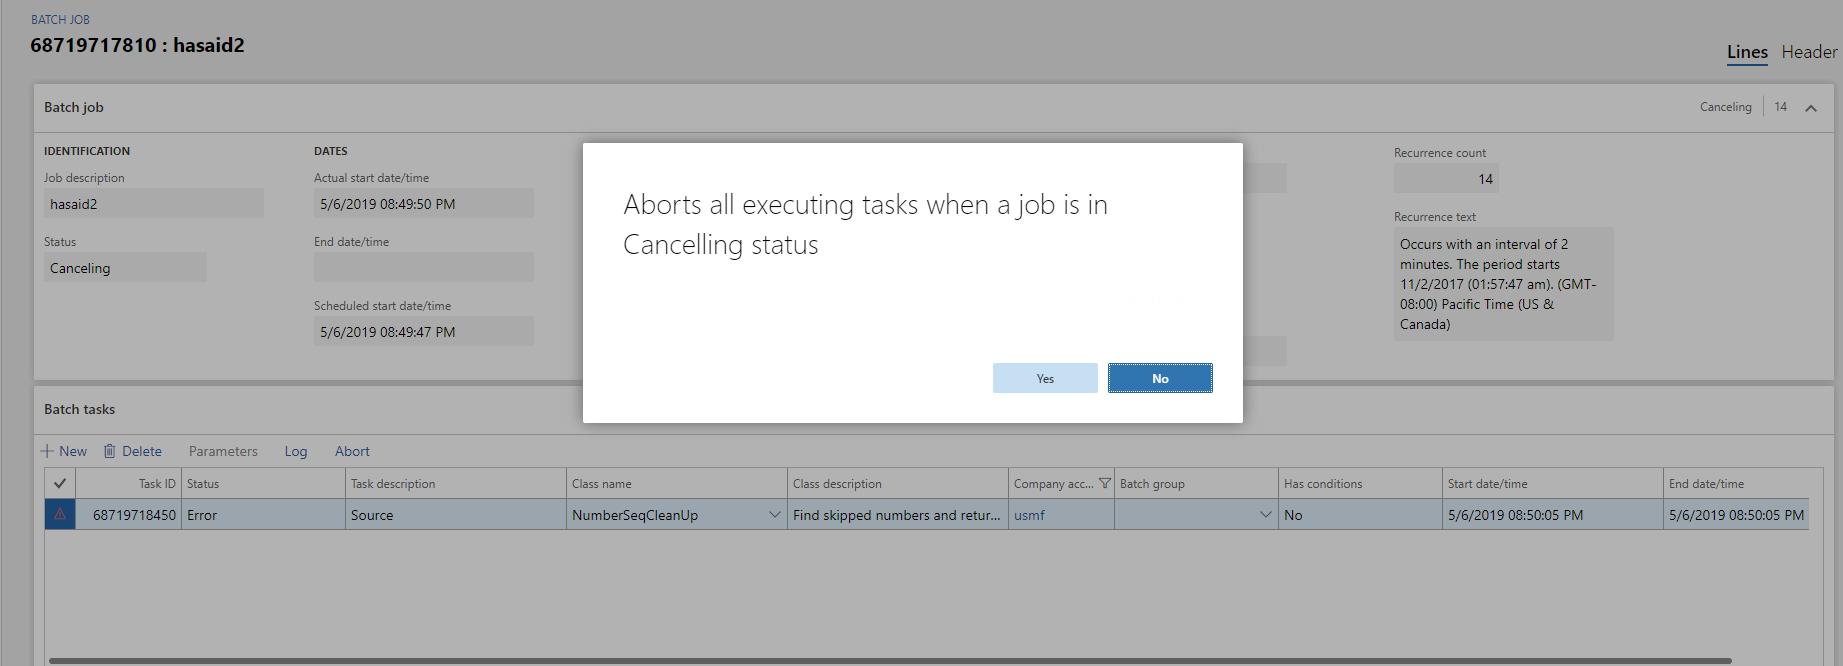 中止正在执行的批处理作业 / Abort an executing batch job